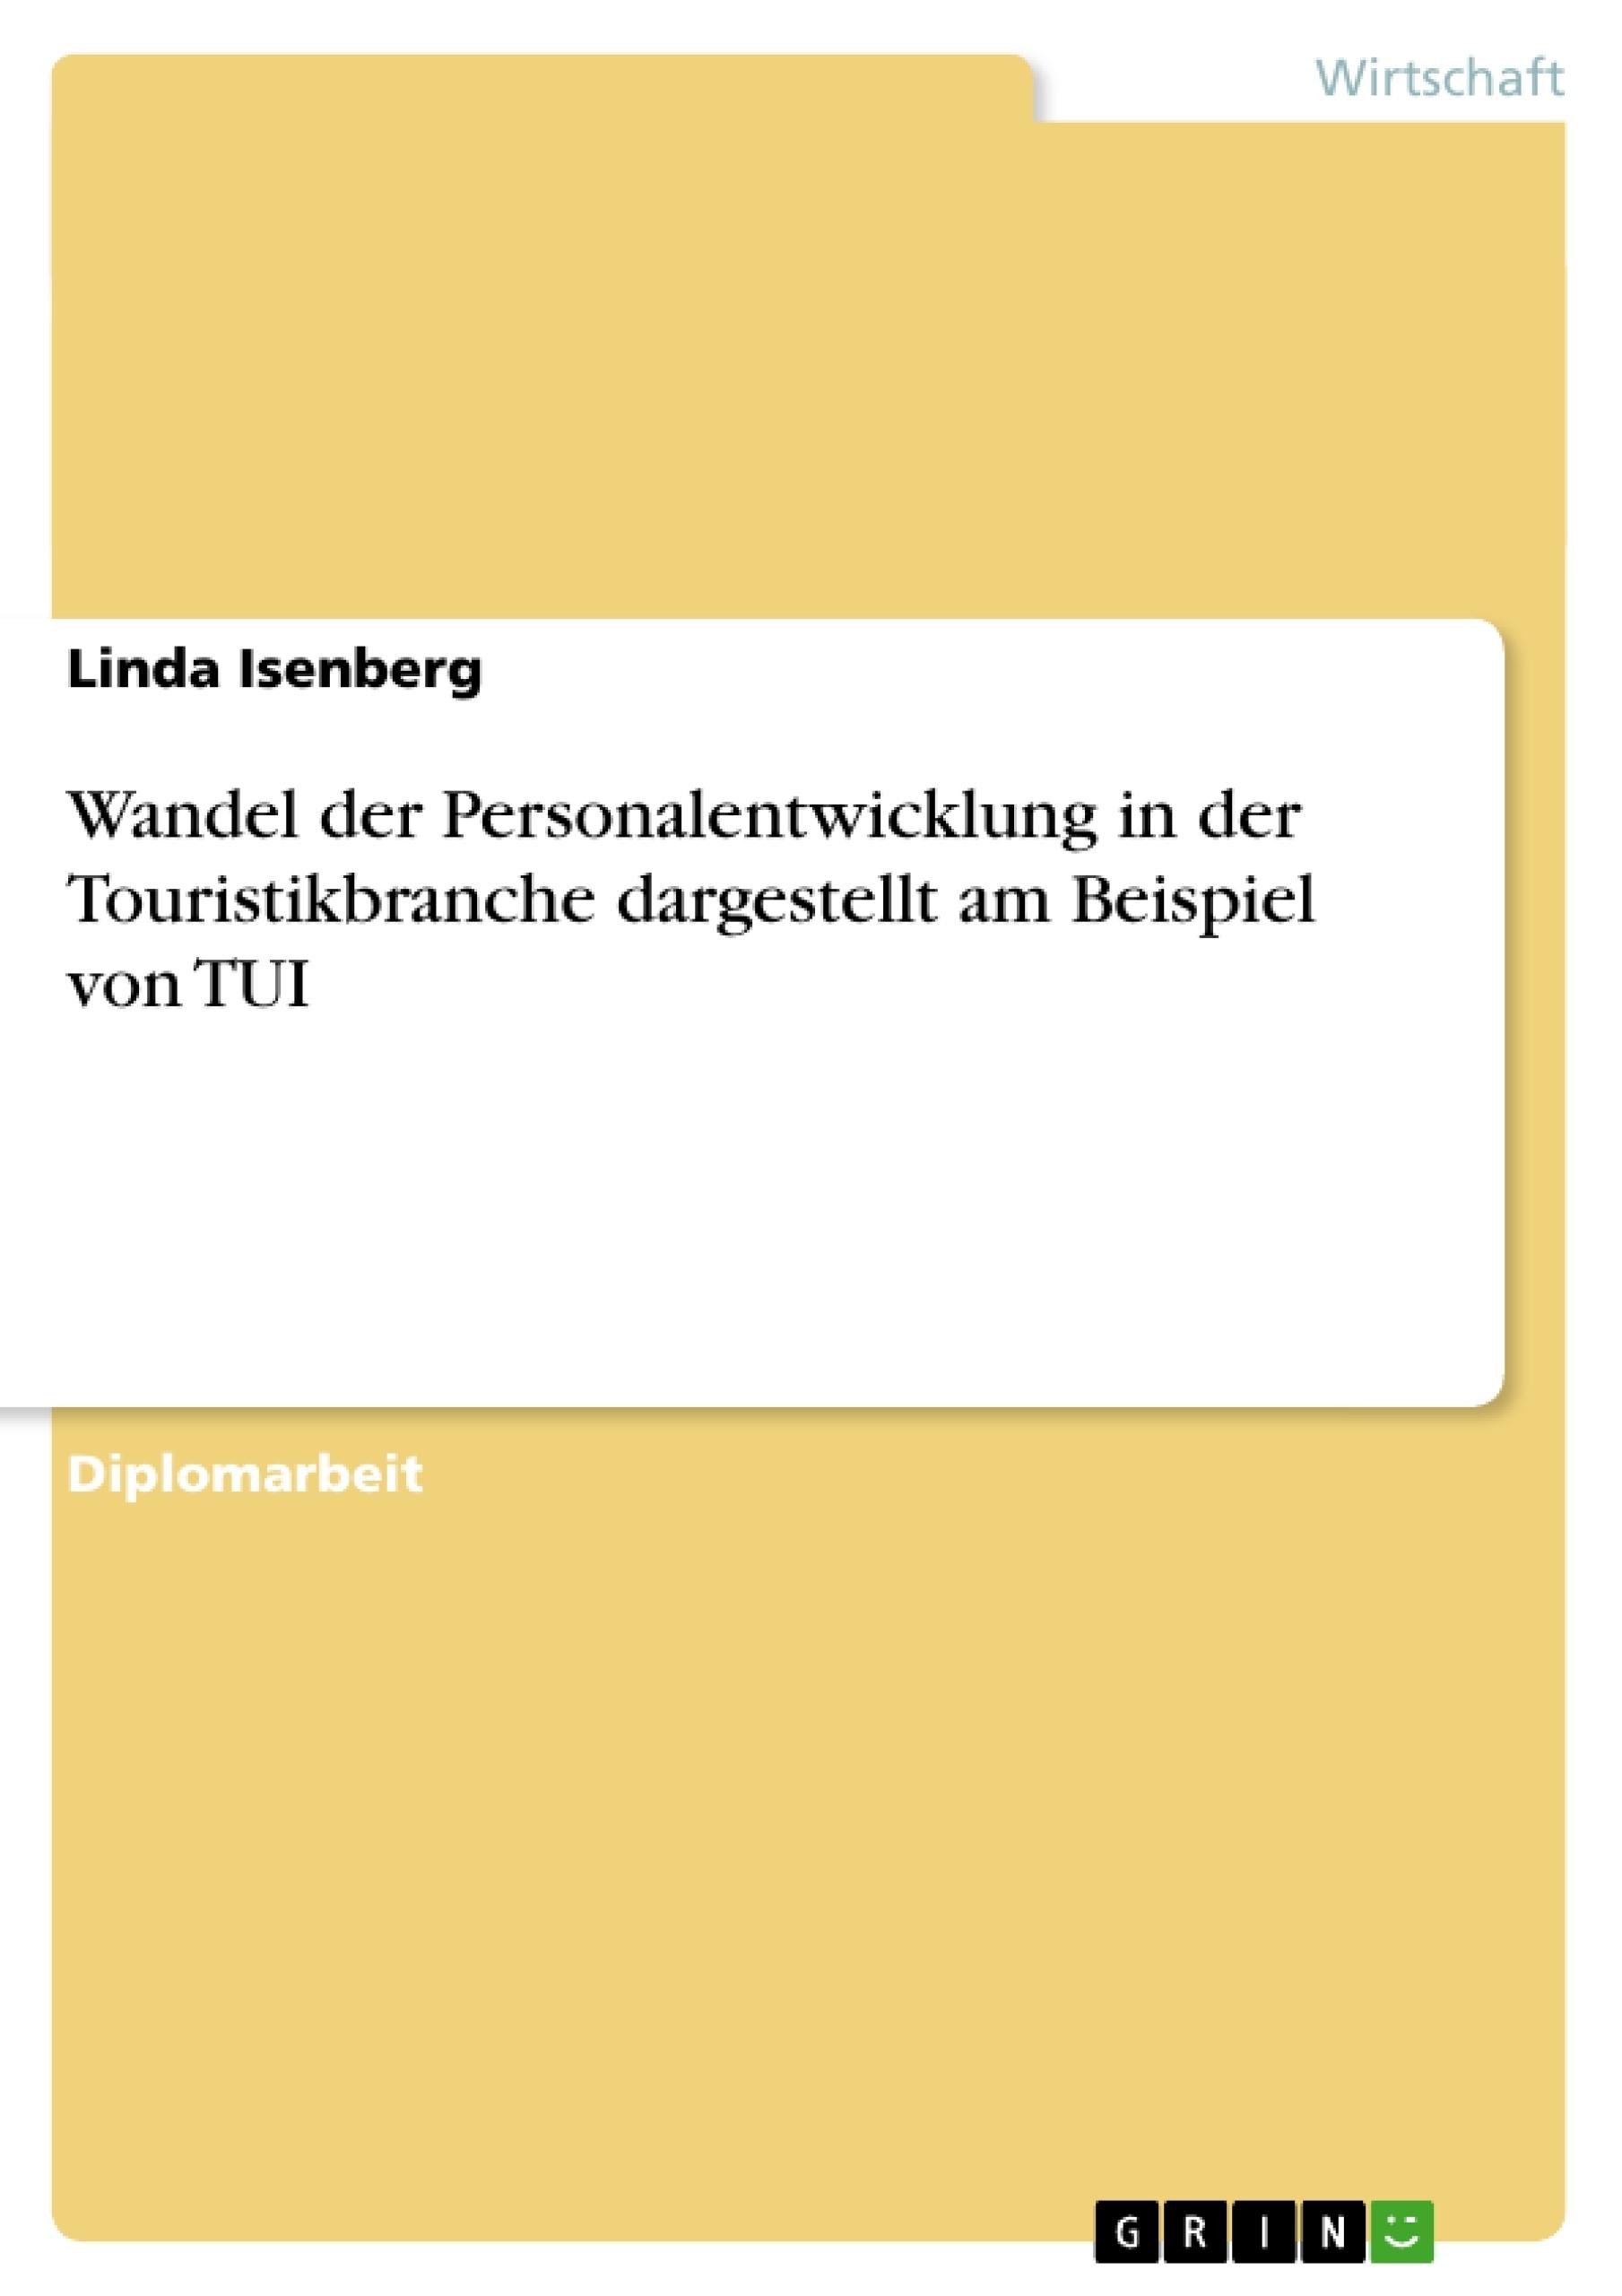 Titel: Wandel der Personalentwicklung in der Touristikbranche dargestellt am Beispiel von TUI